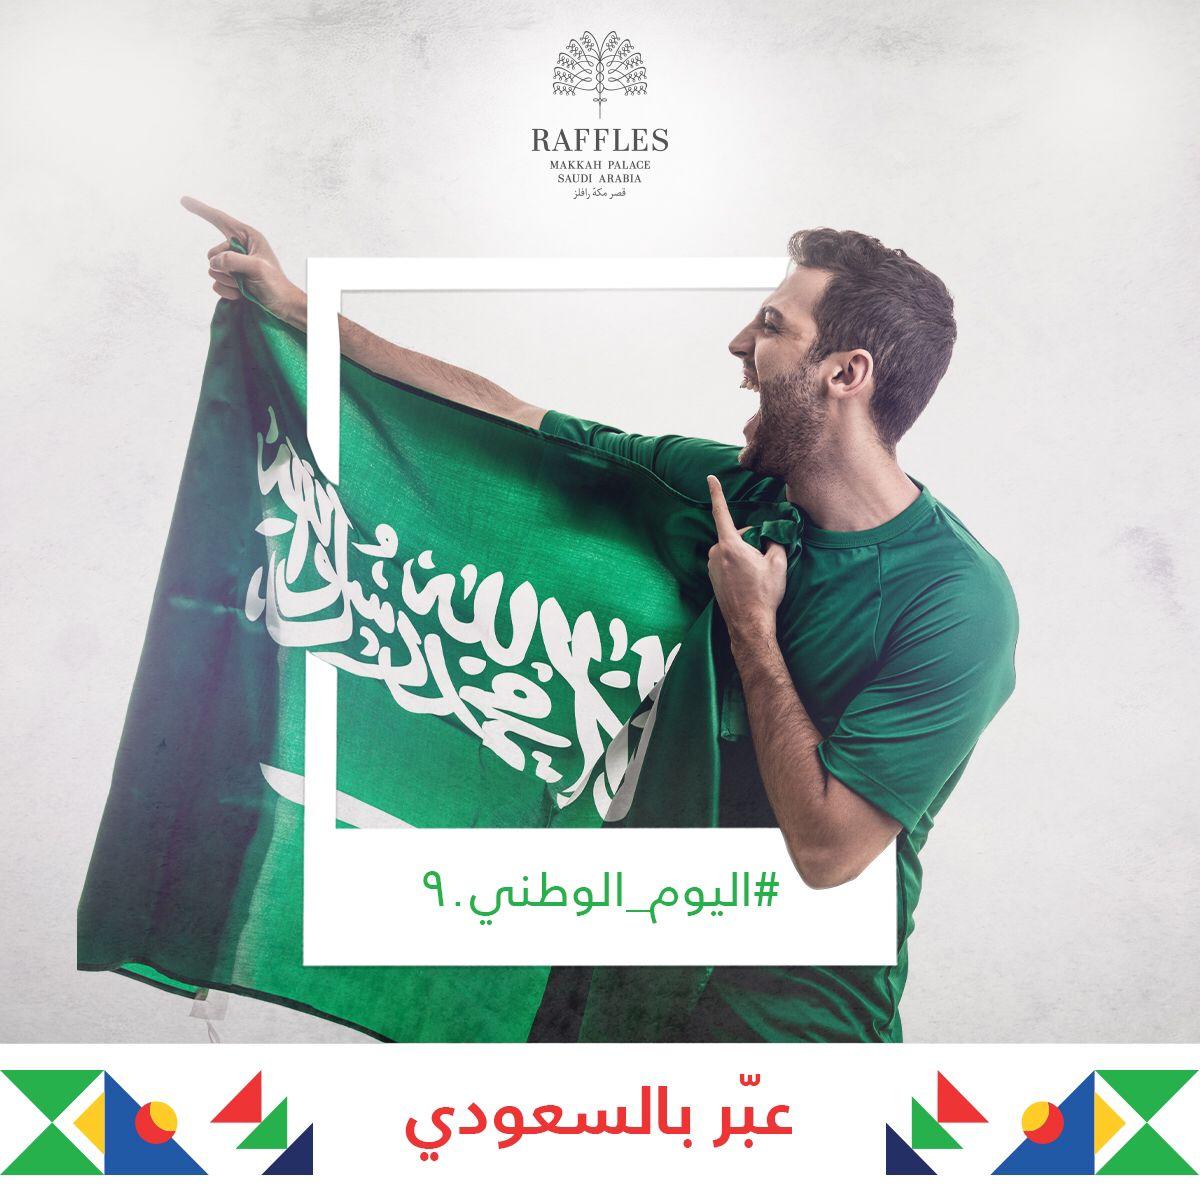 اليوم الوطني السعودي Palace Raffle Makkah